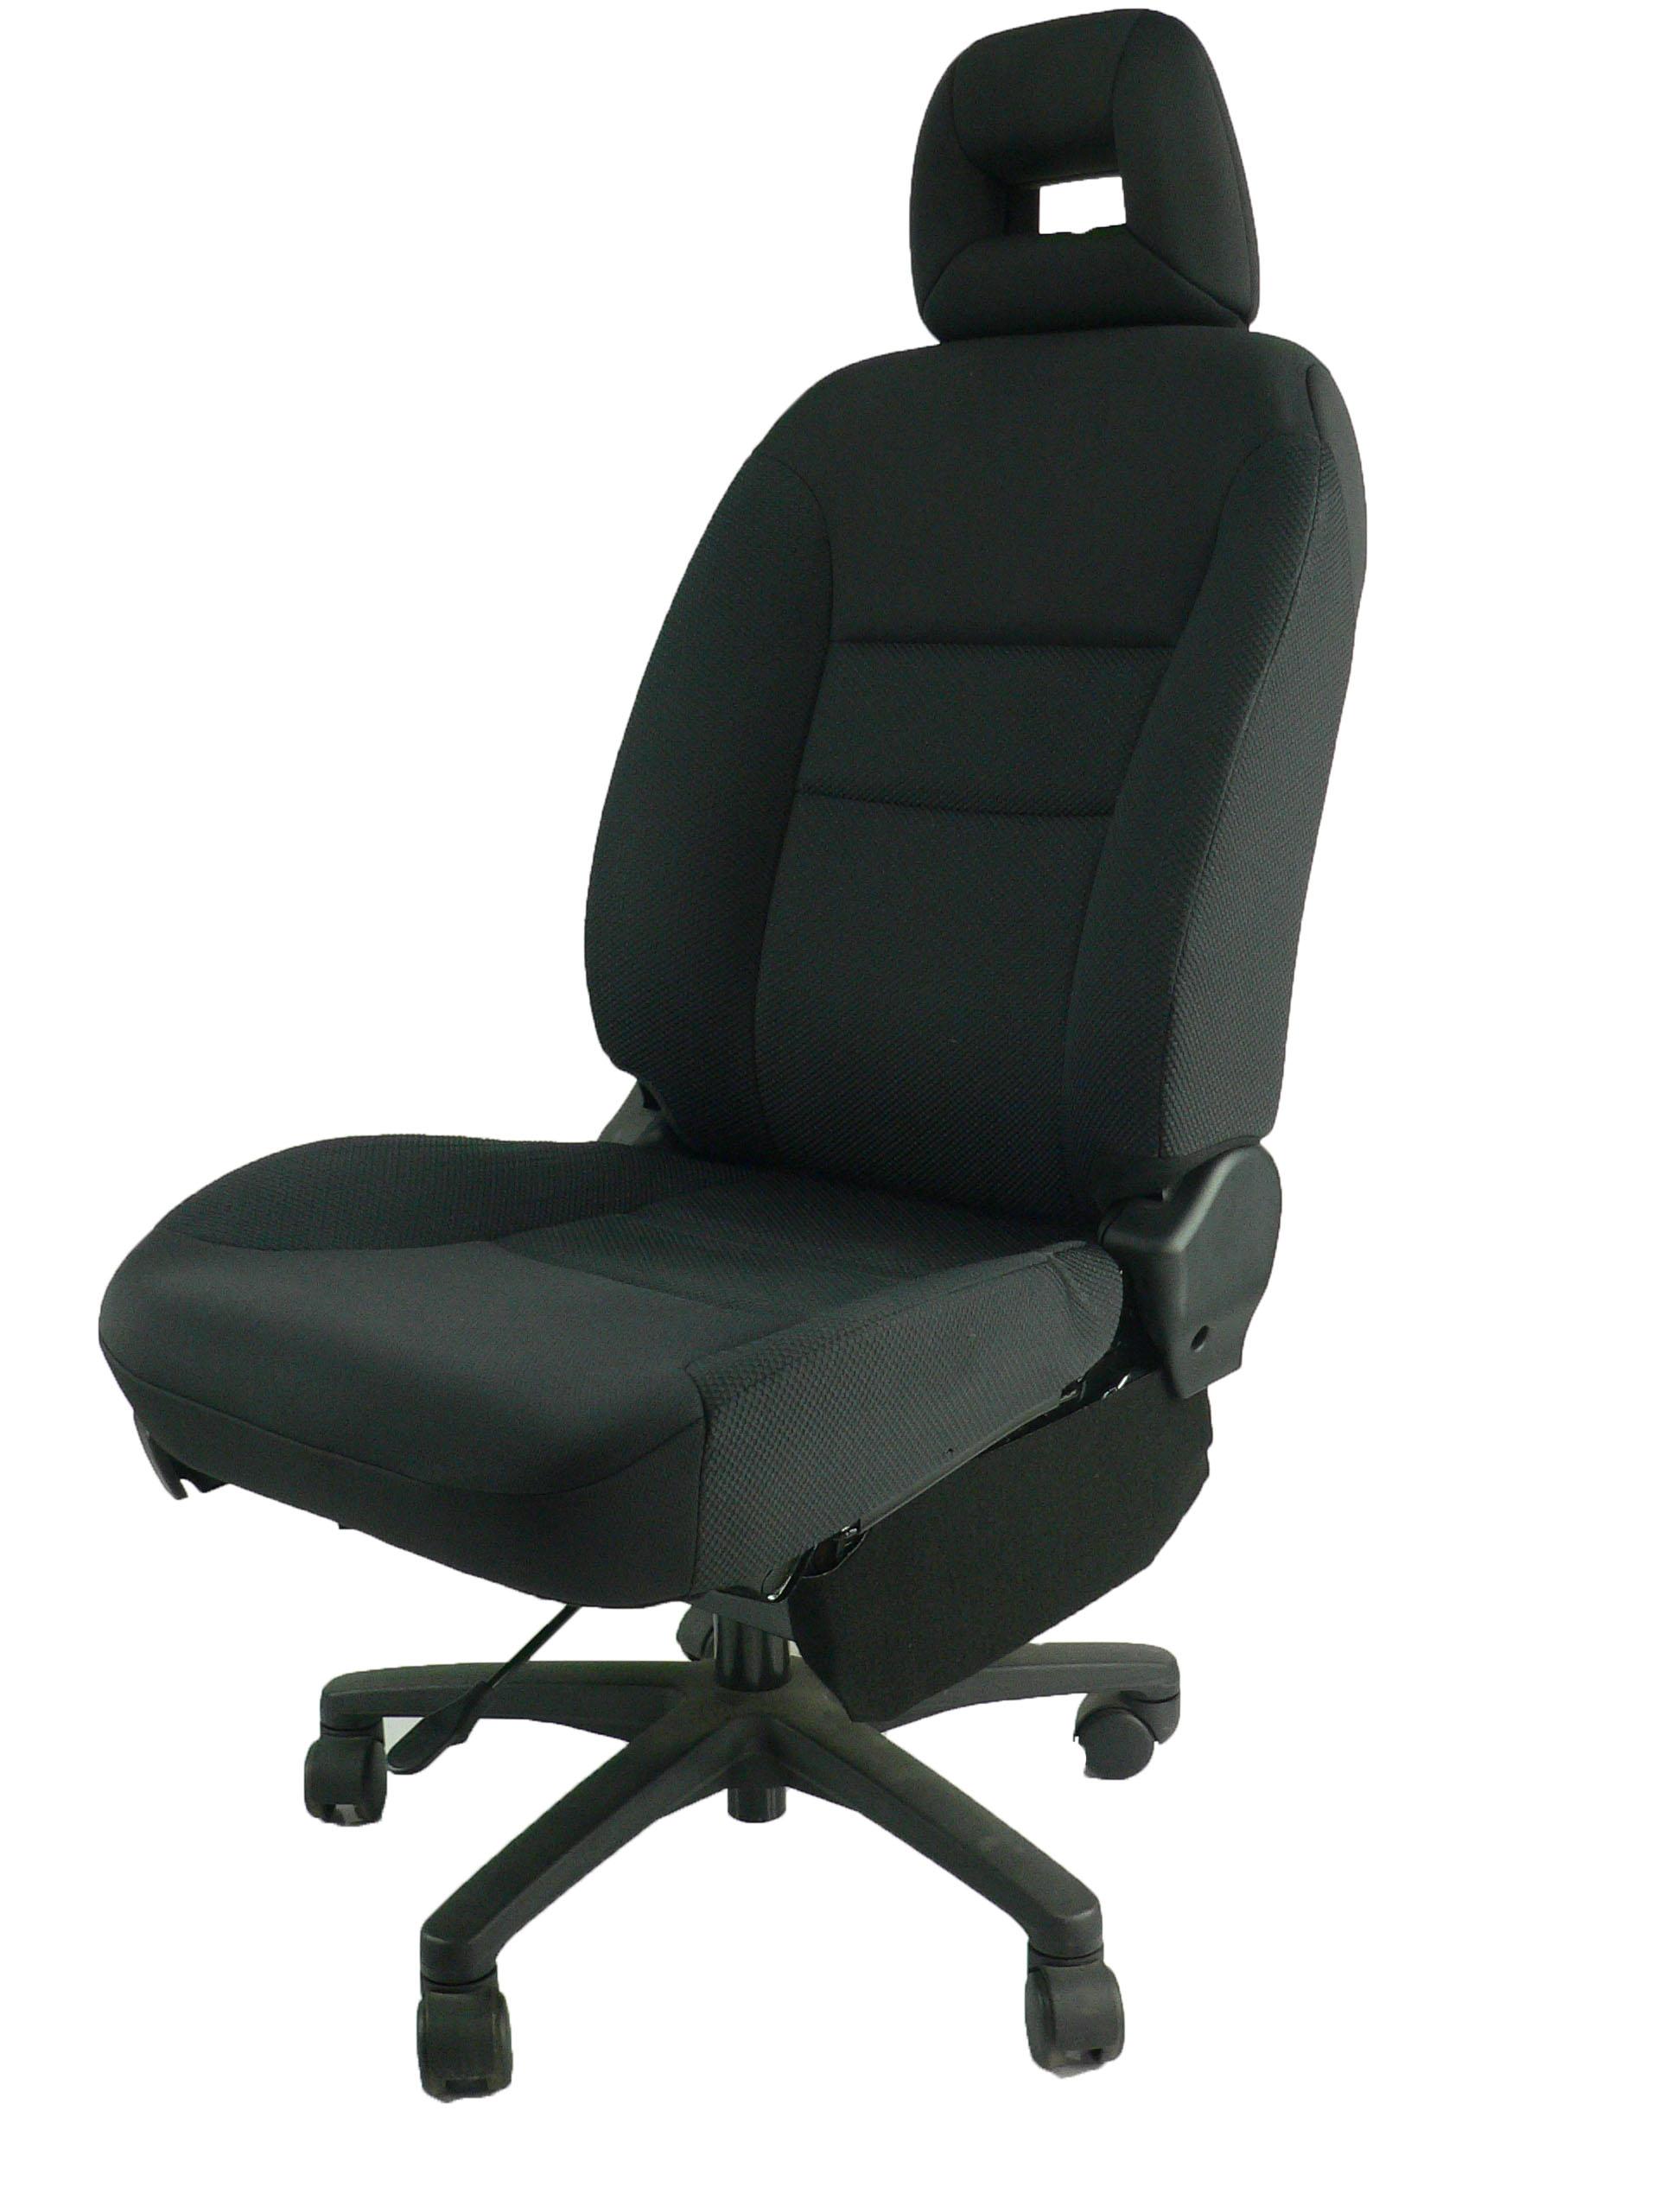 ホンダエアウェイブ GJ1 ★自動車シートがリクライニングチェアー(デスクチェア)に、環境と健康に優しい椅子。